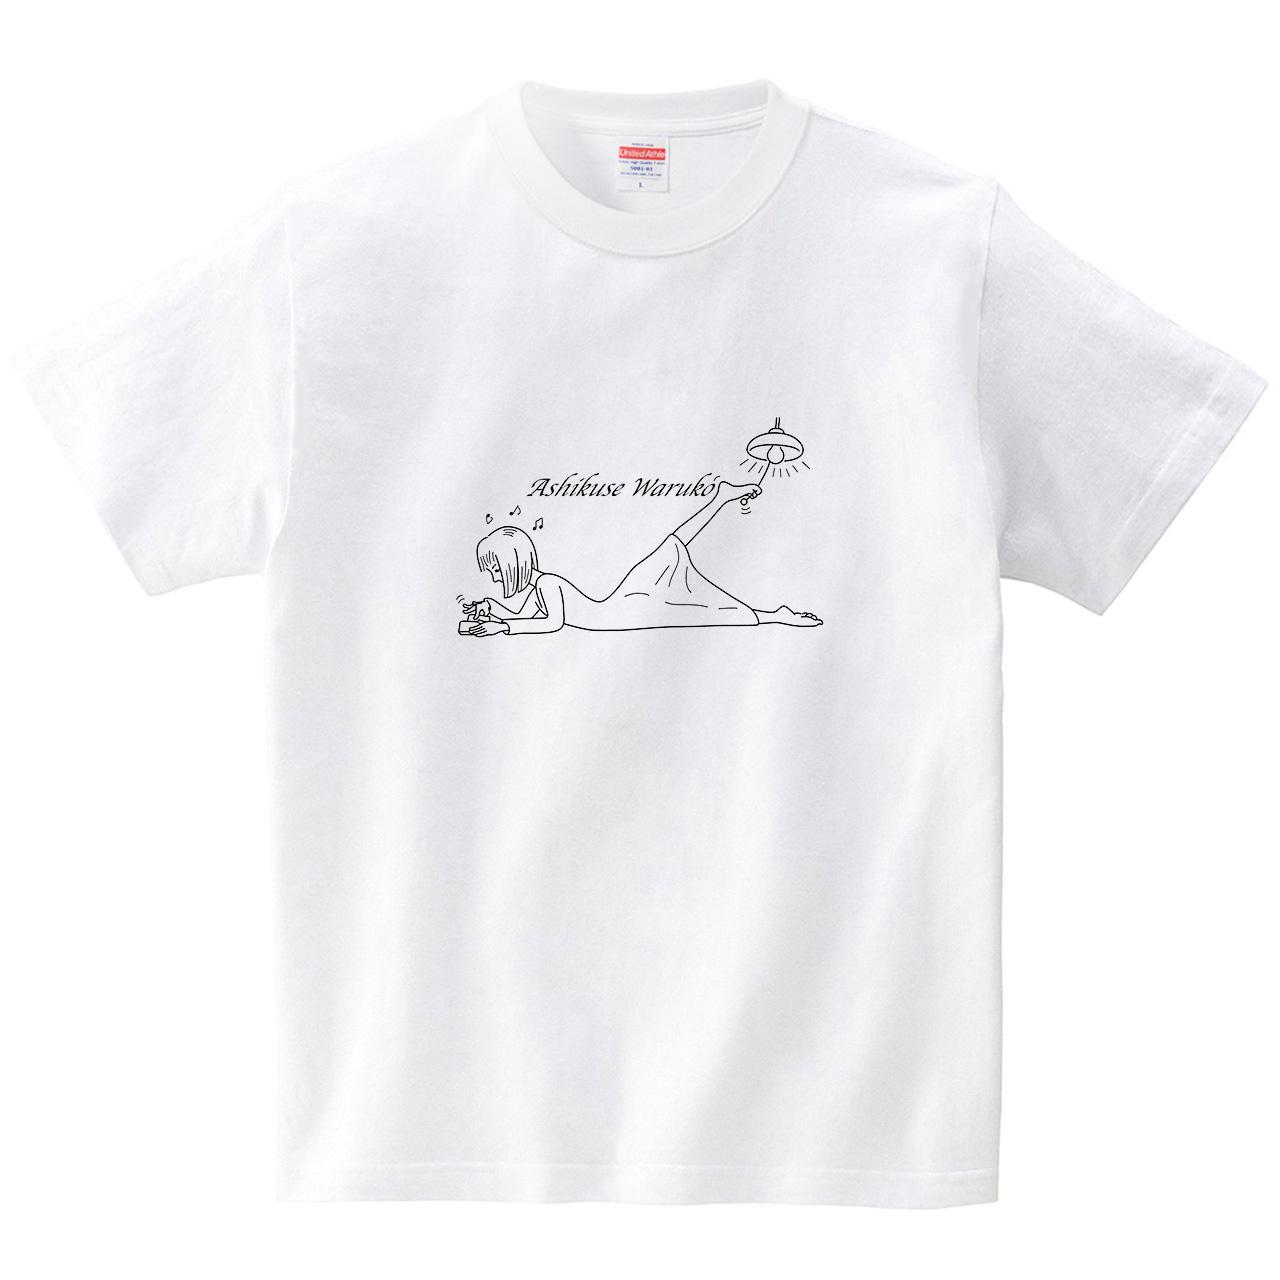 足癖ワル子(Tシャツ・ホワイト)(calamar)